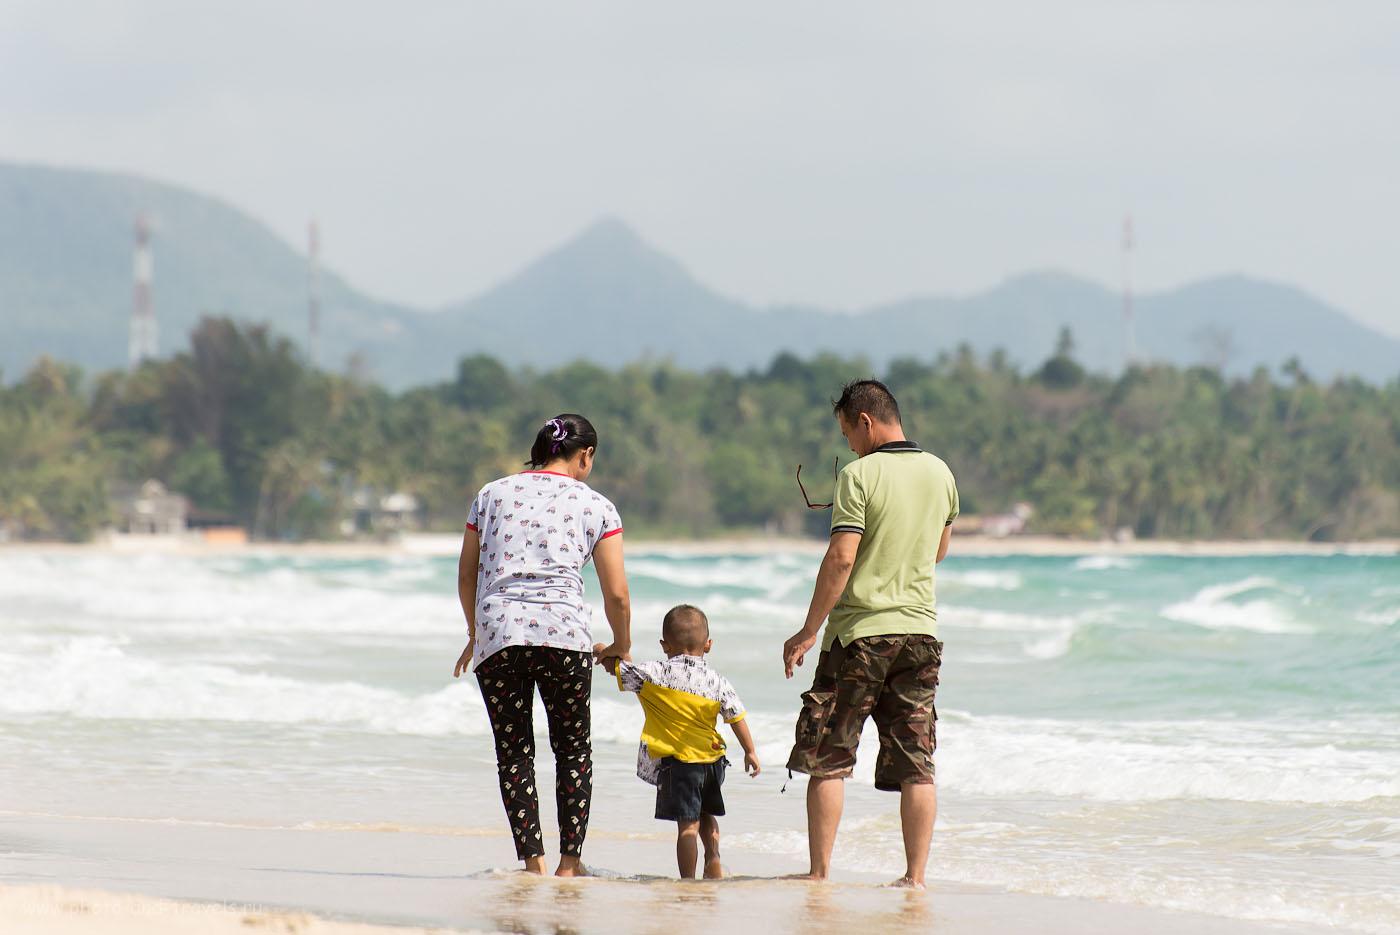 Фото 2. На пляже в окрестностях города Чумпхон. Поездка по Таиланду самостоятельно. Семья (100, 240, 5.6, 1/500)